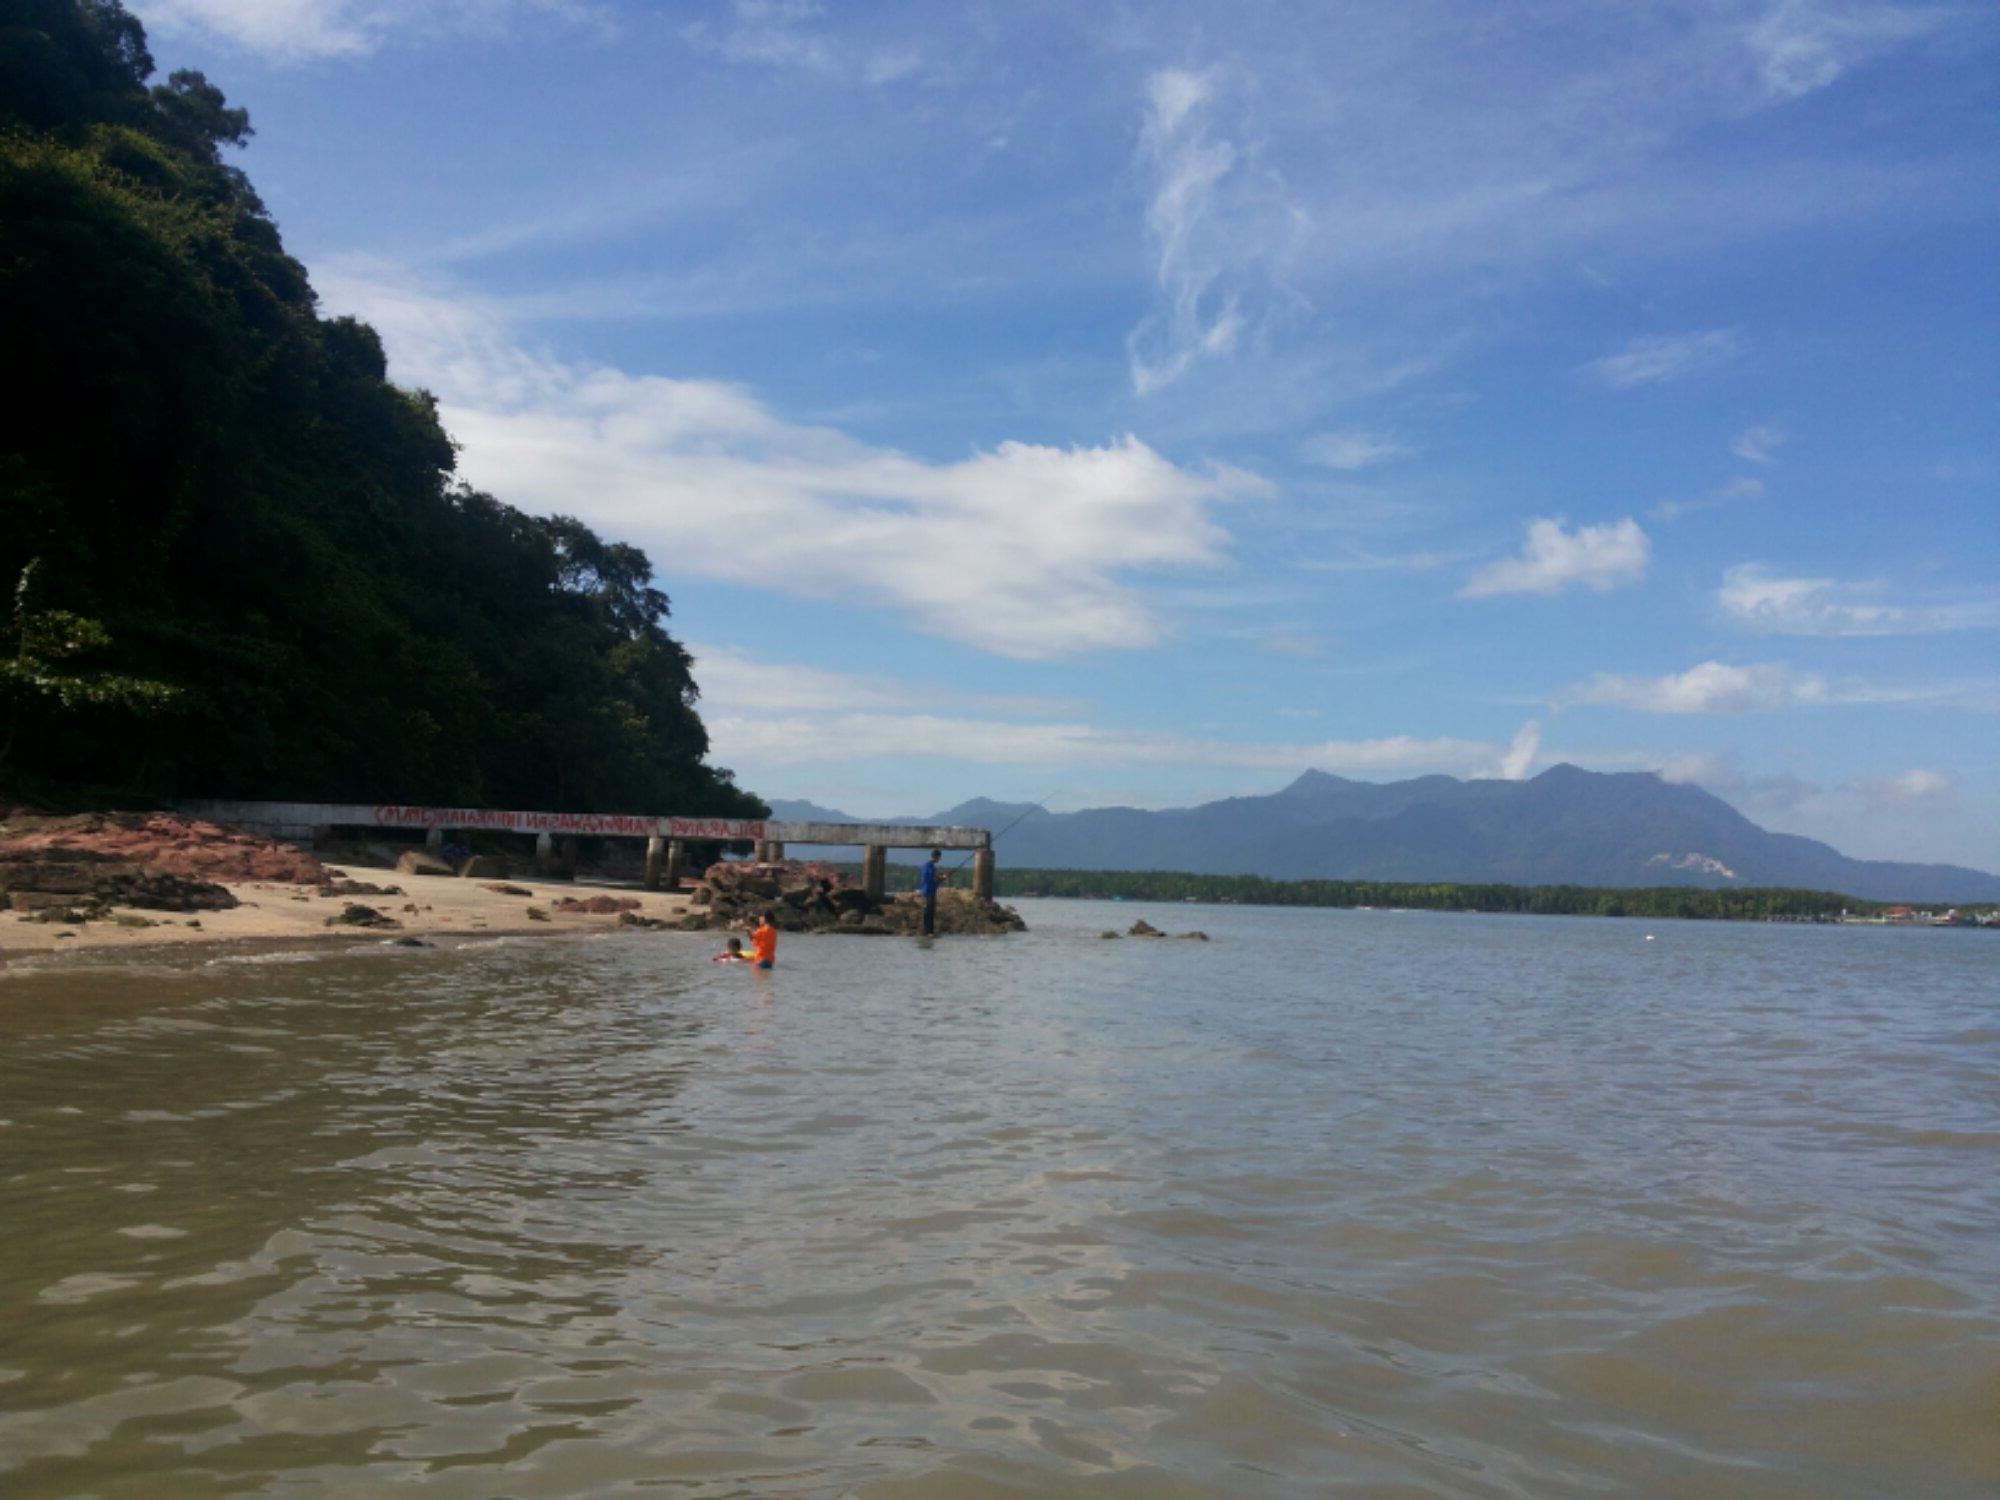 Pantai Merdeka Di Kedah Tempat Menarik Yang Sangat Hebat Untuk Rehatkan Jiwa Of Pantai Merdeka Di Kedah Tempat Menarik Yang Awesome Untuk Berehat